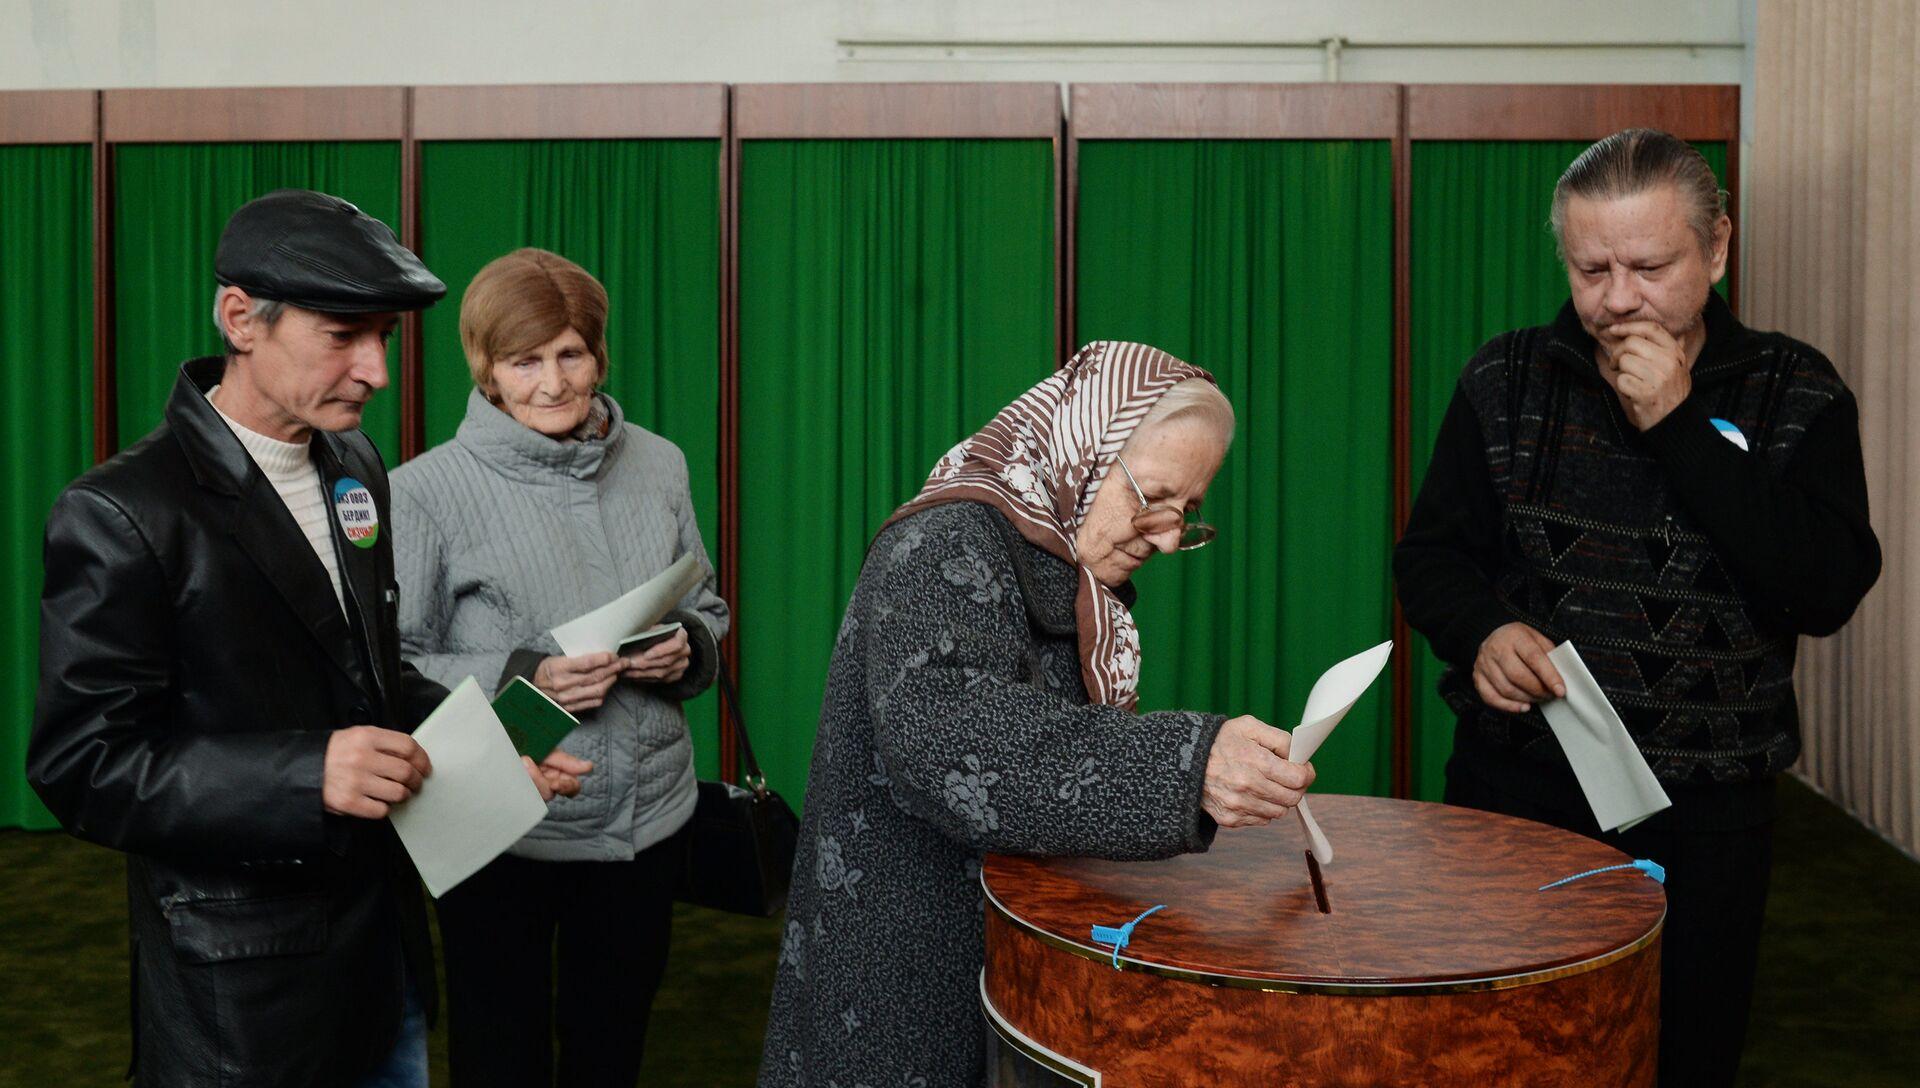 Женщина голосует на избирательном участке в Ташкенте во время выборов президента Узбекистана - РИА Новости, 1920, 04.12.2016